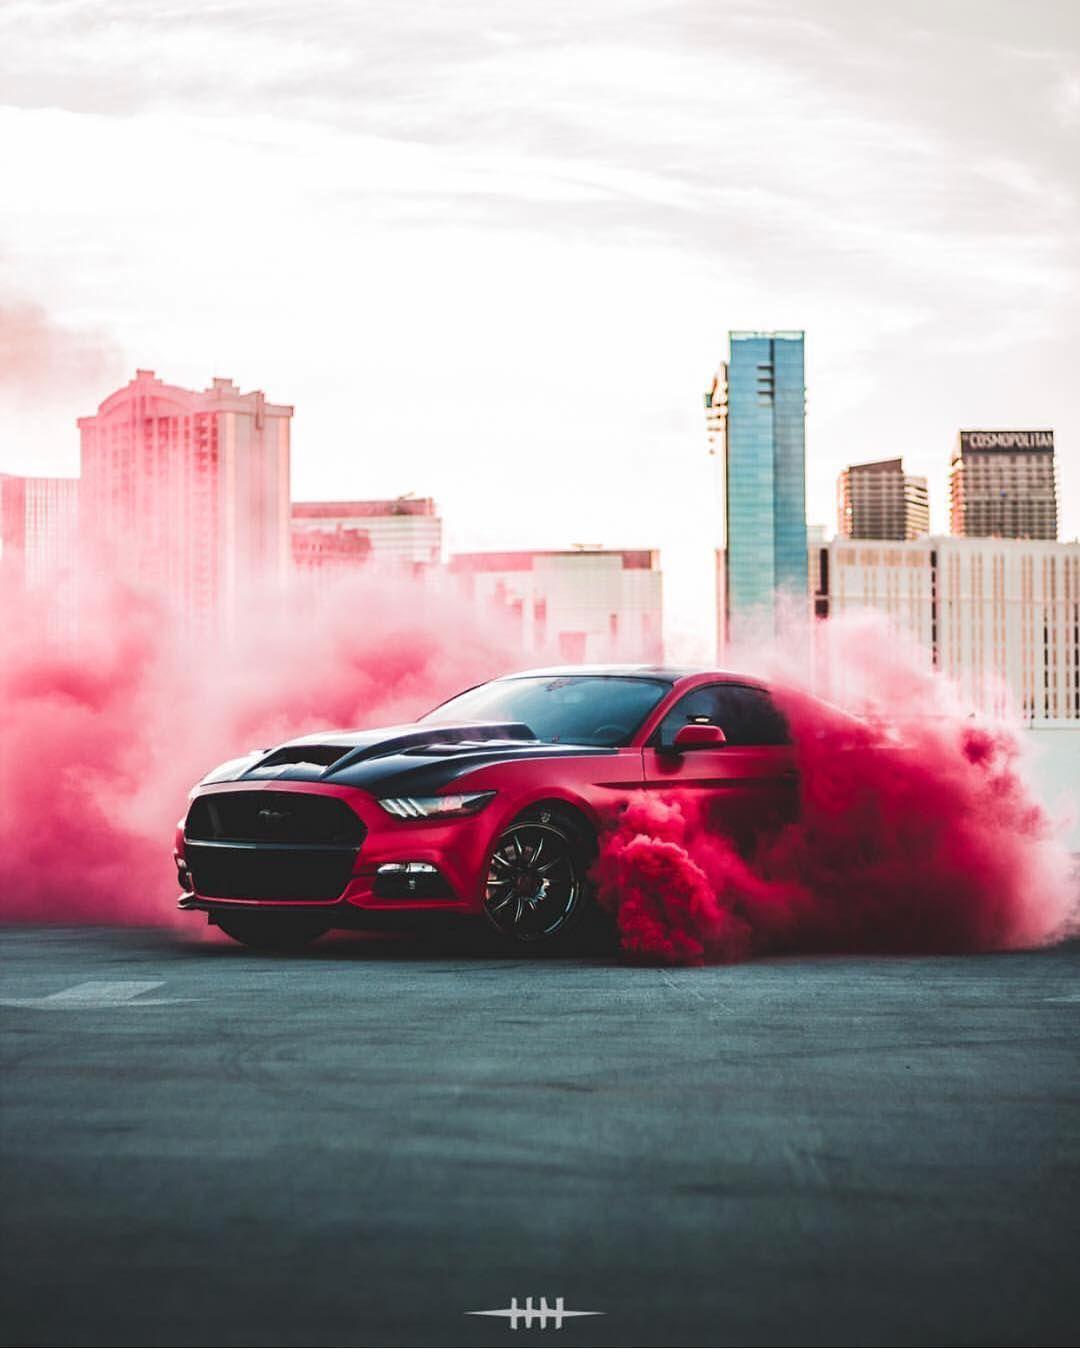 живых фото машины в дыму подопечные называют исключительно